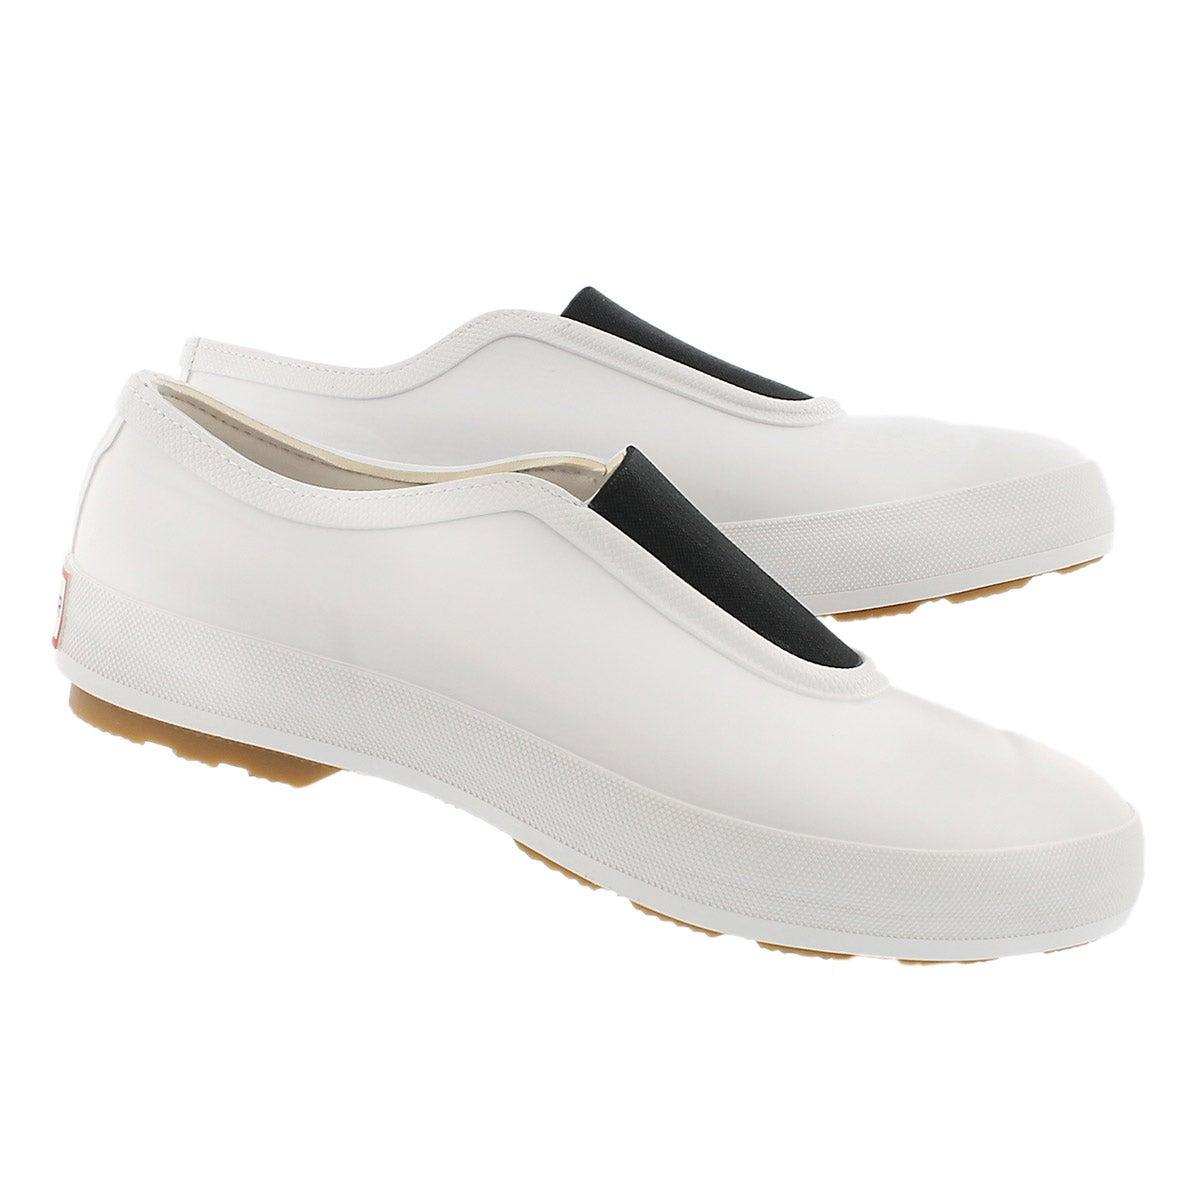 Lds Original Gumsole wht waterproof shoe